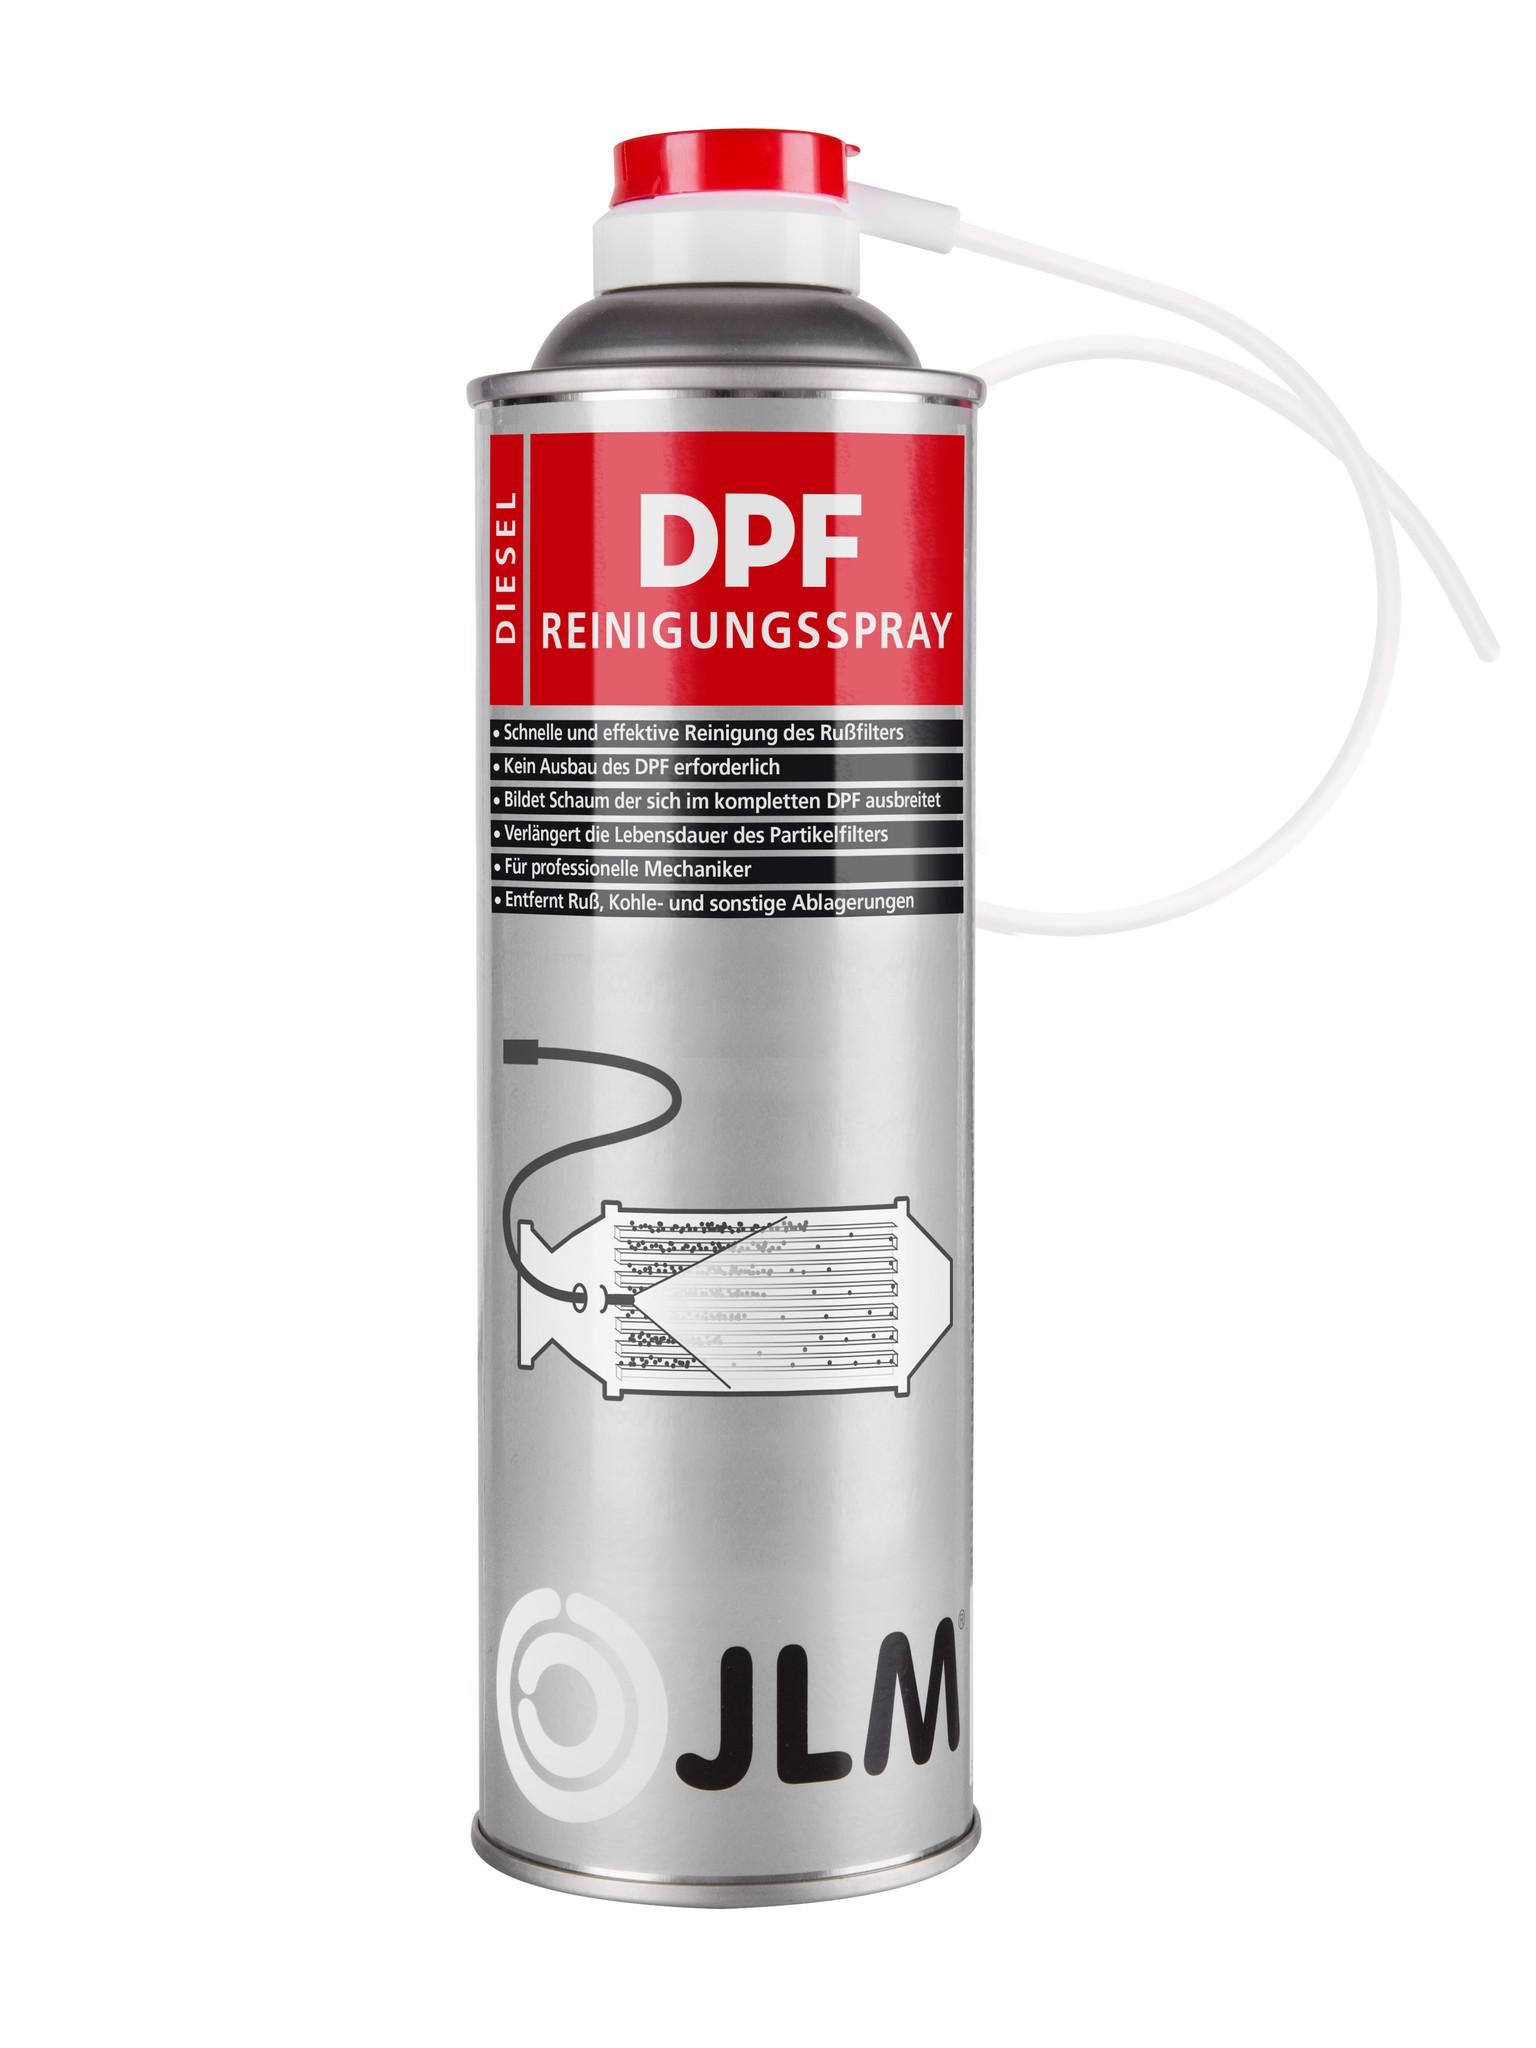 JLM DPF Reinigungsspray 400ml